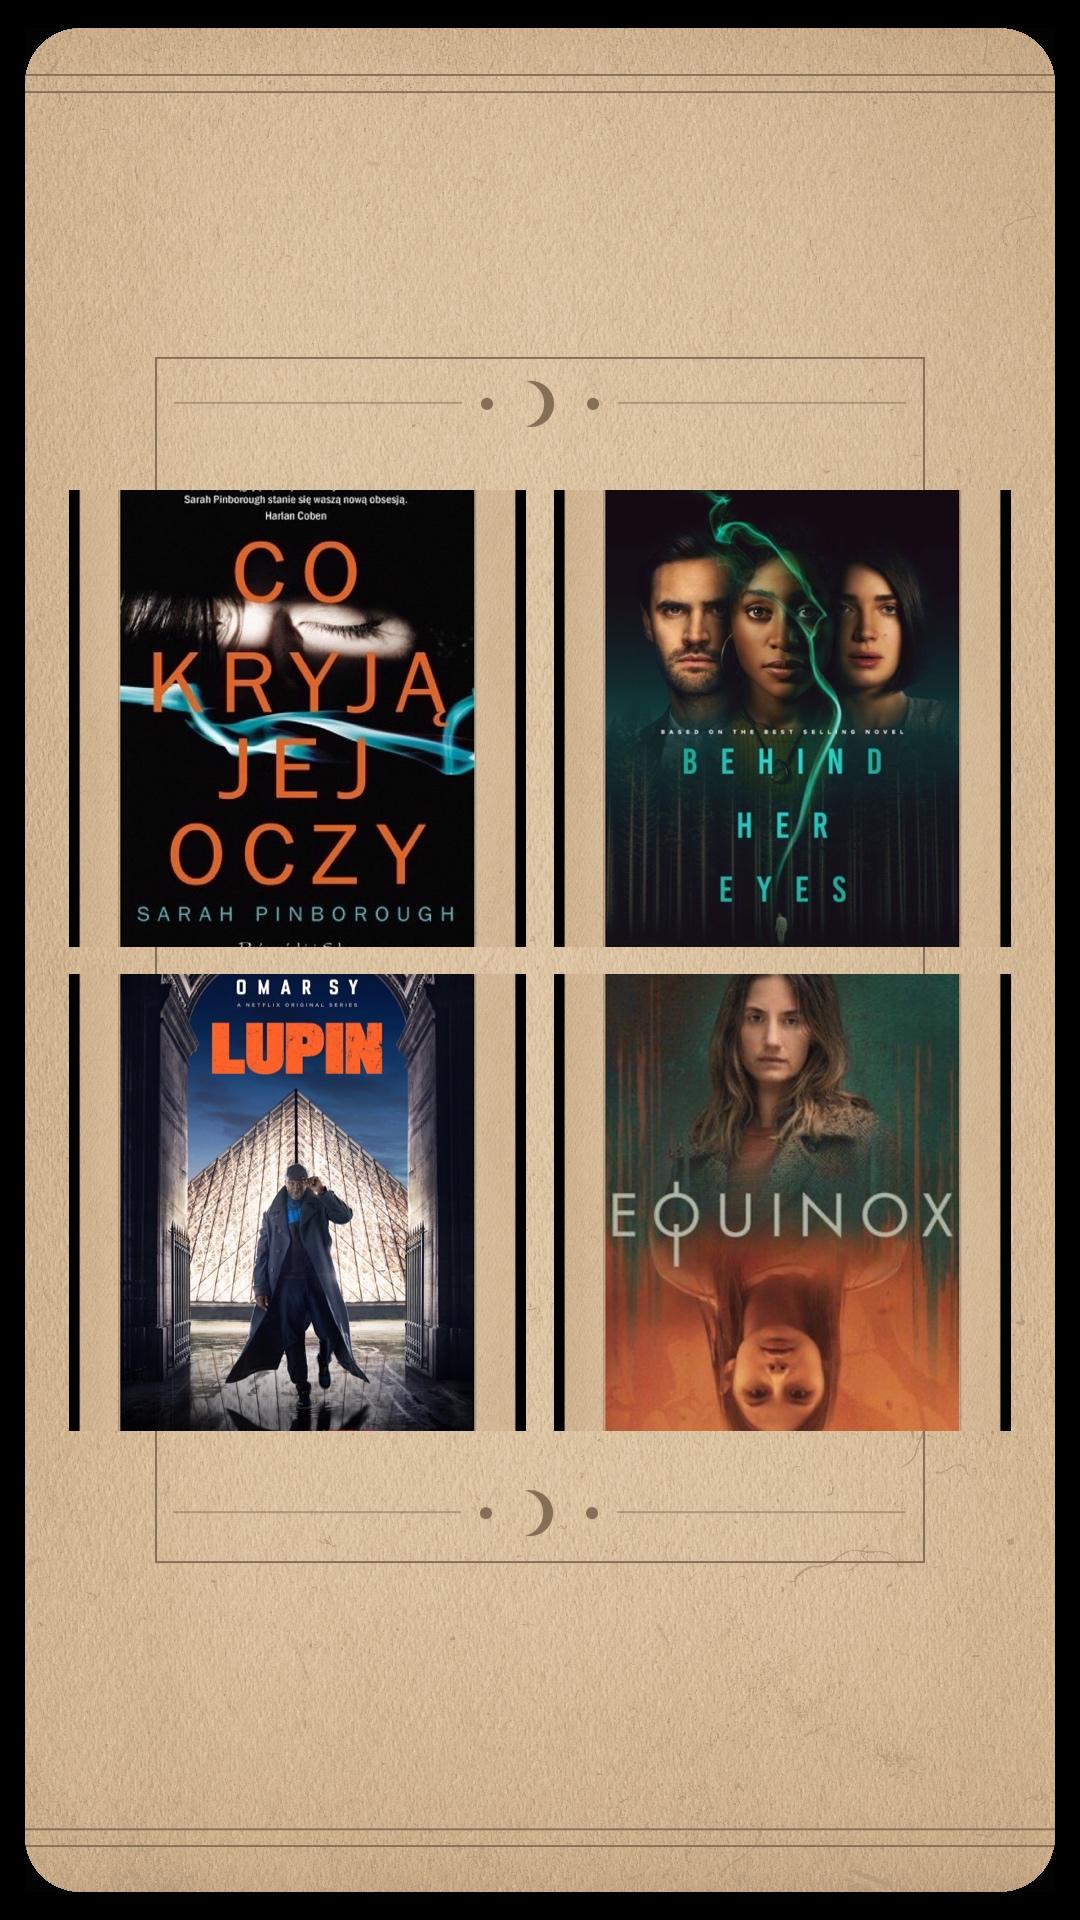 Najlepsze filmy i seriale, jakie widziałam w ostatnich tygodniach